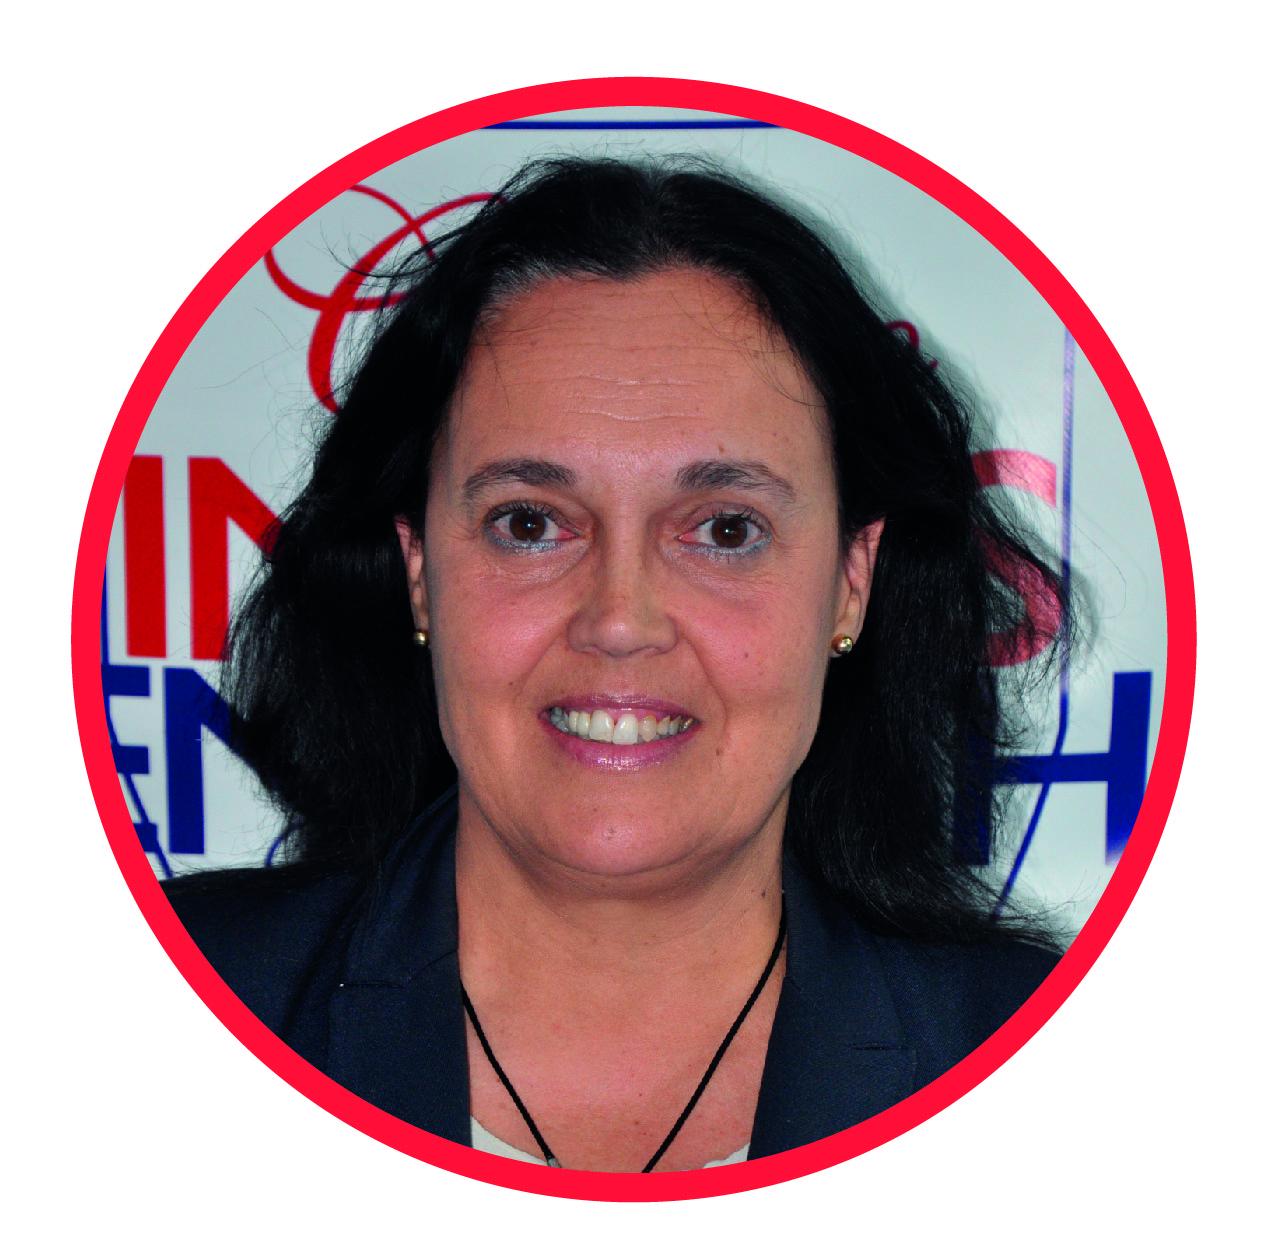 Ms. María del Mar Grandal Delgado